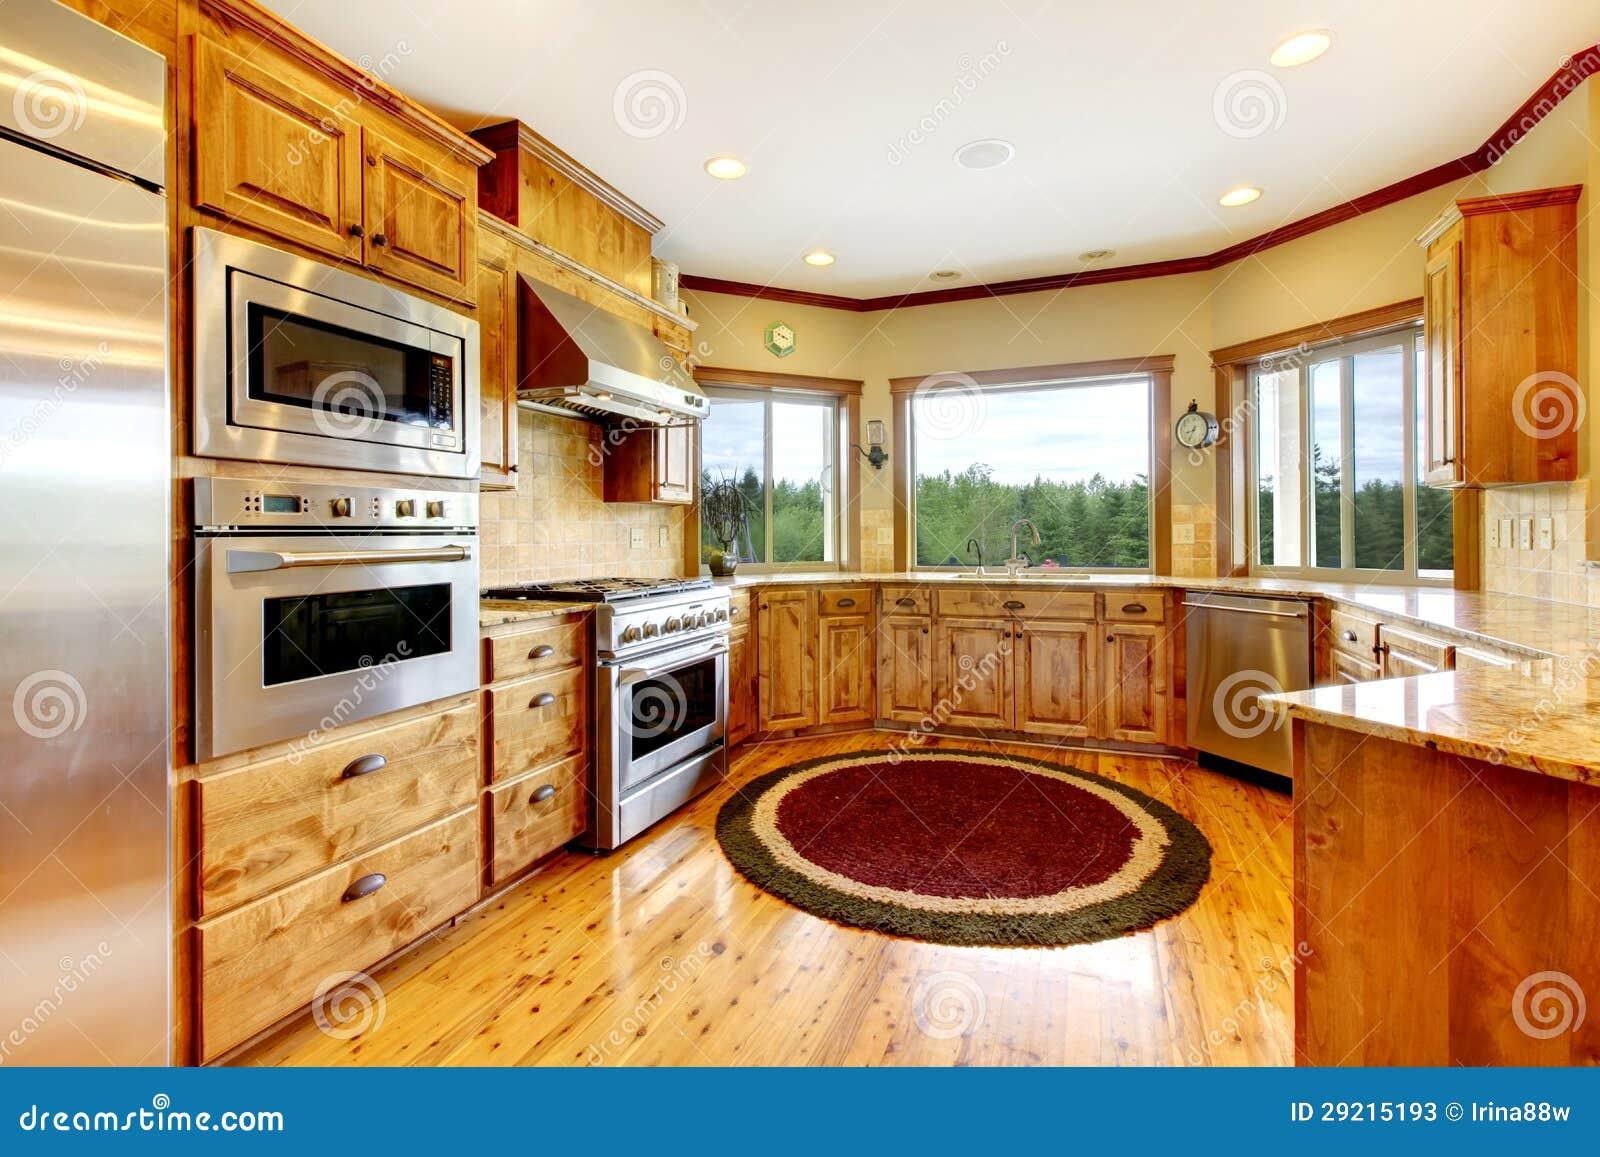 Int rieur la maison de luxe en bois de cuisine maison neuve d 39 am ricain de ferme photos for Interieur maison americaine